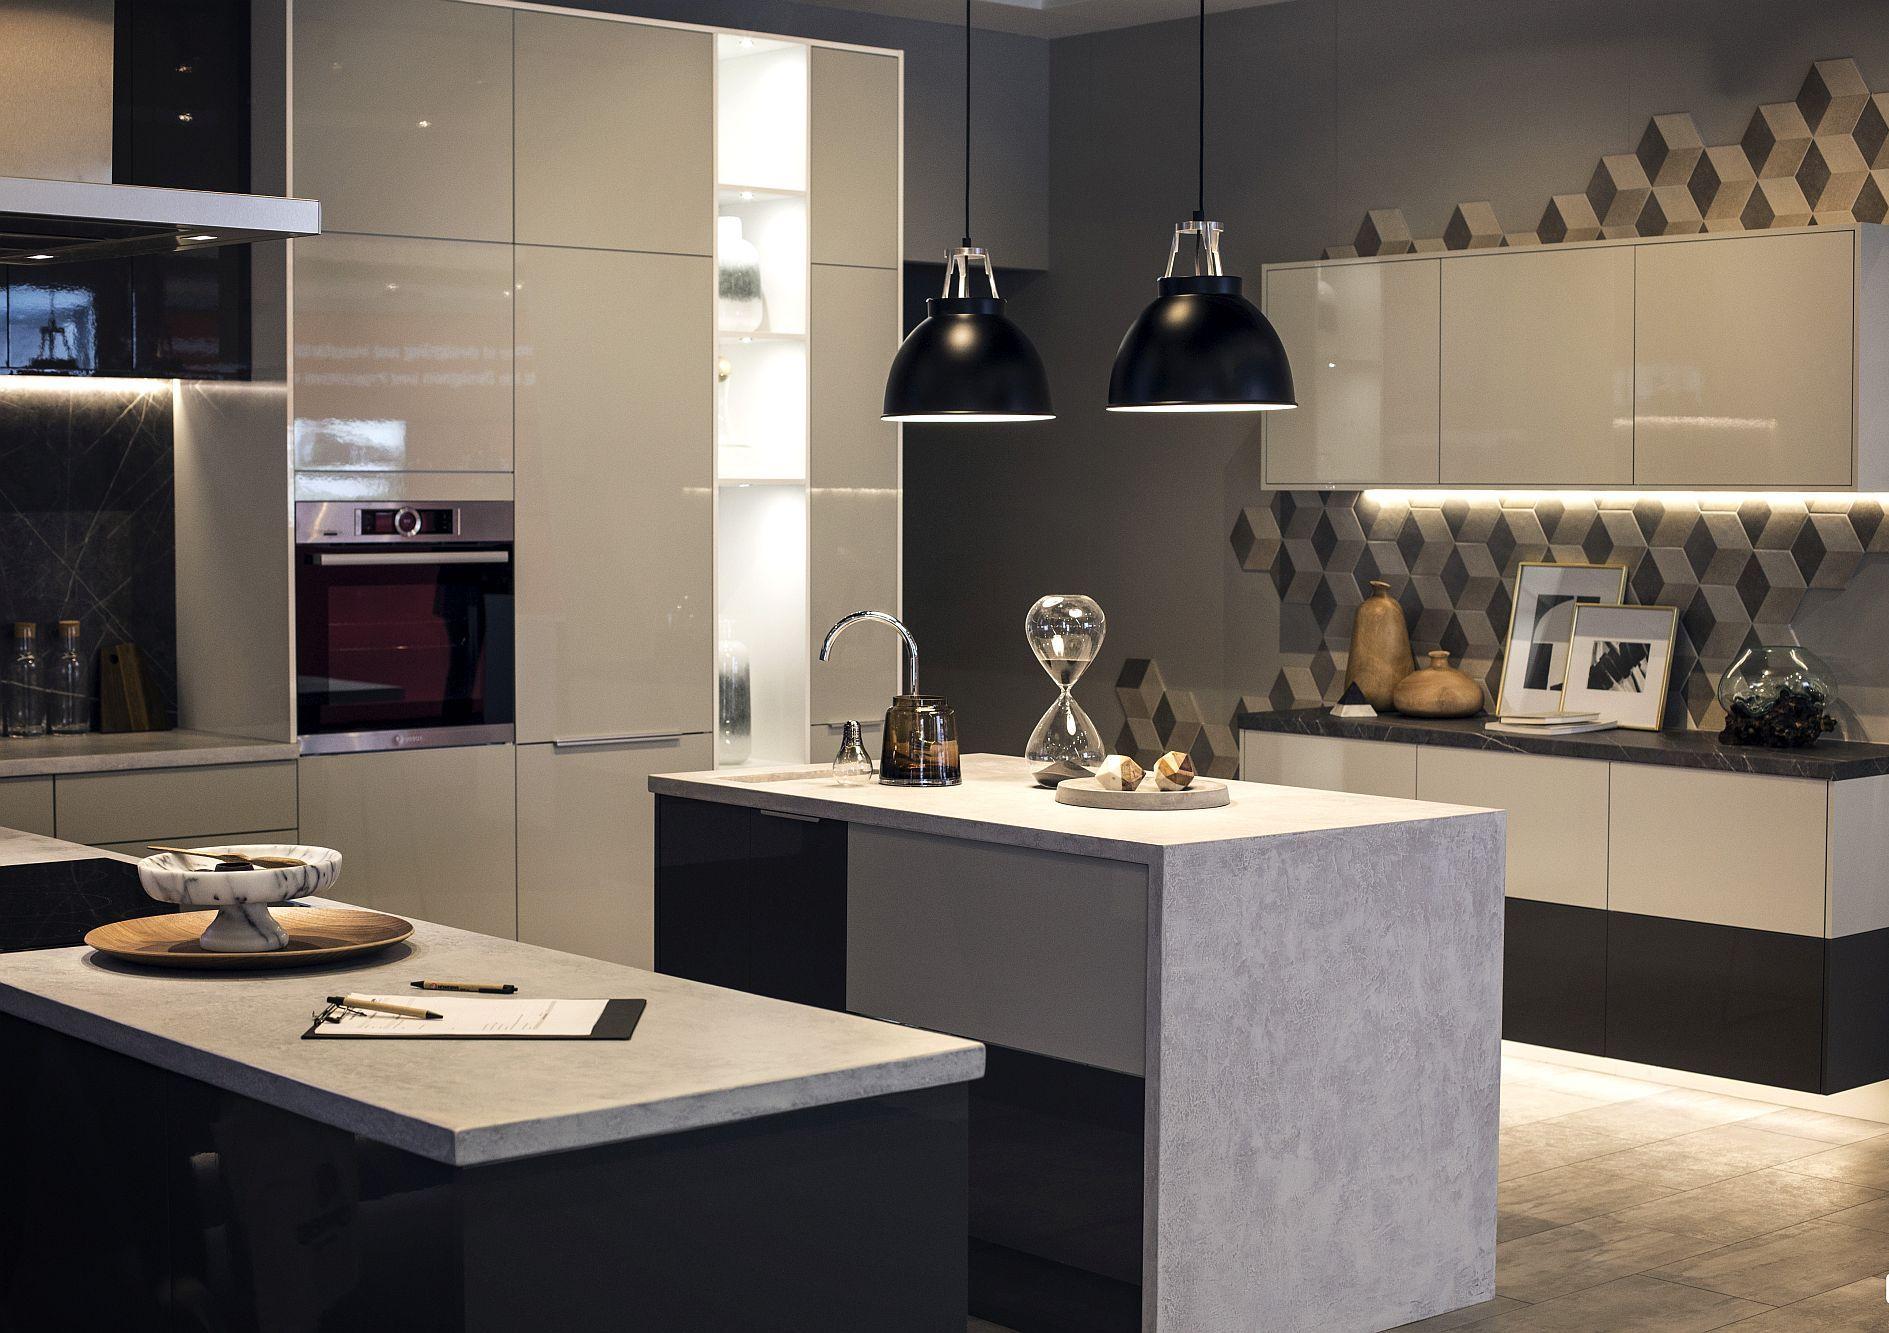 Cовременный дизайн серо-белой кухни с различными текстурами - фото 2